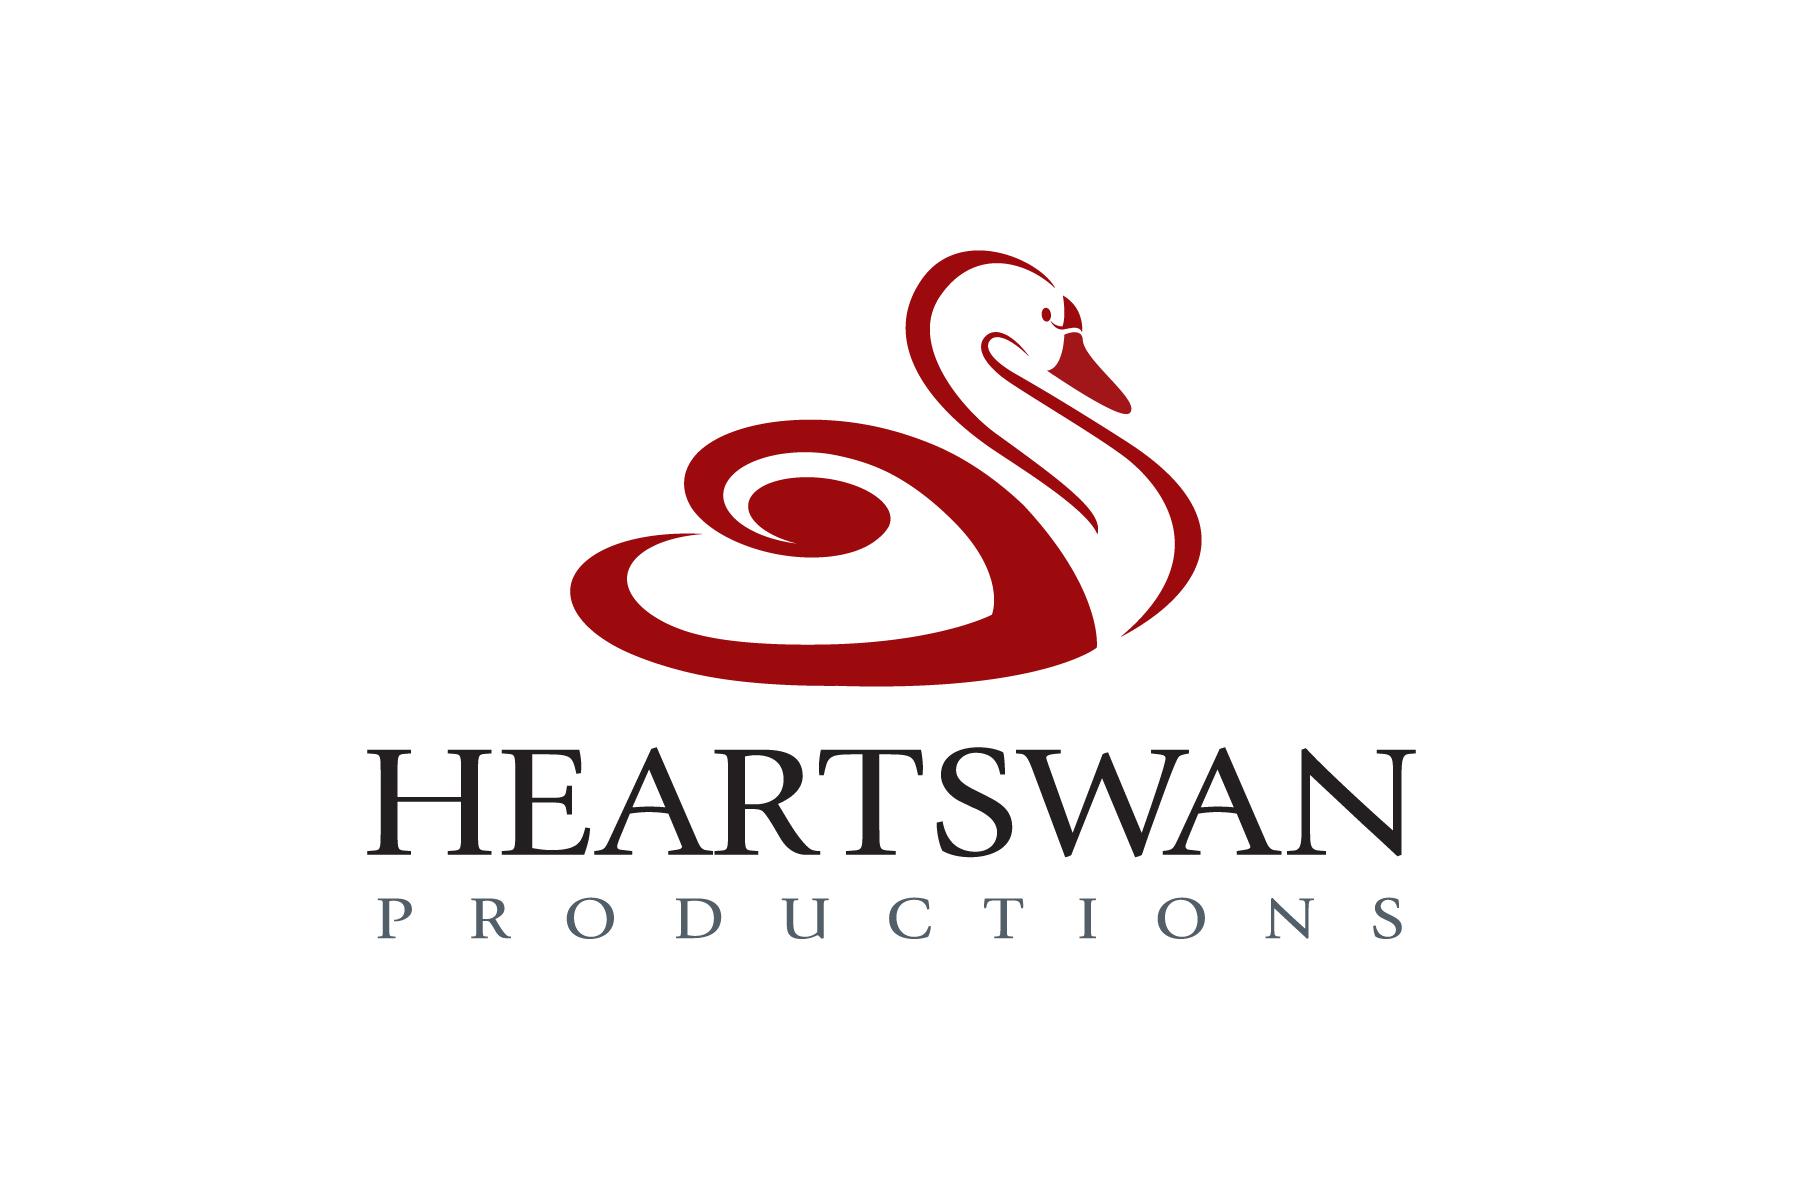 Studio Em Graphic Design Corporate Identity Branding Logo Design